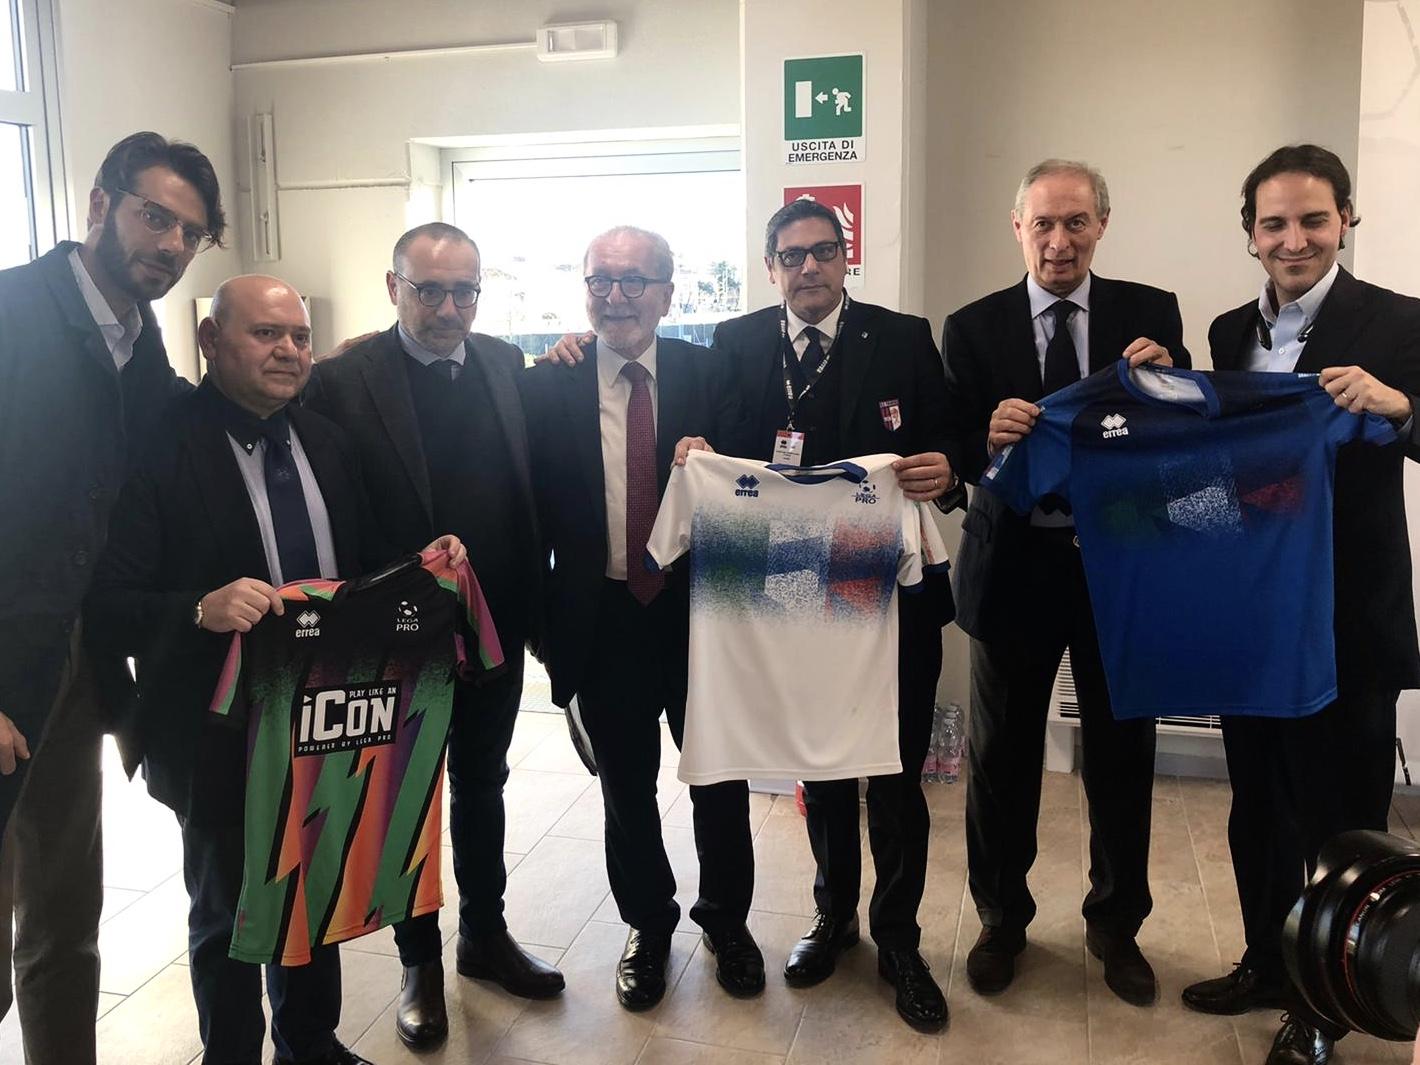 NOTIZIE DALLA LEGA | I club scelgono la terza maglia della Rappresentativa di Lega Pro colorata e innovativa immagine 14336 US Vibonese Calcio